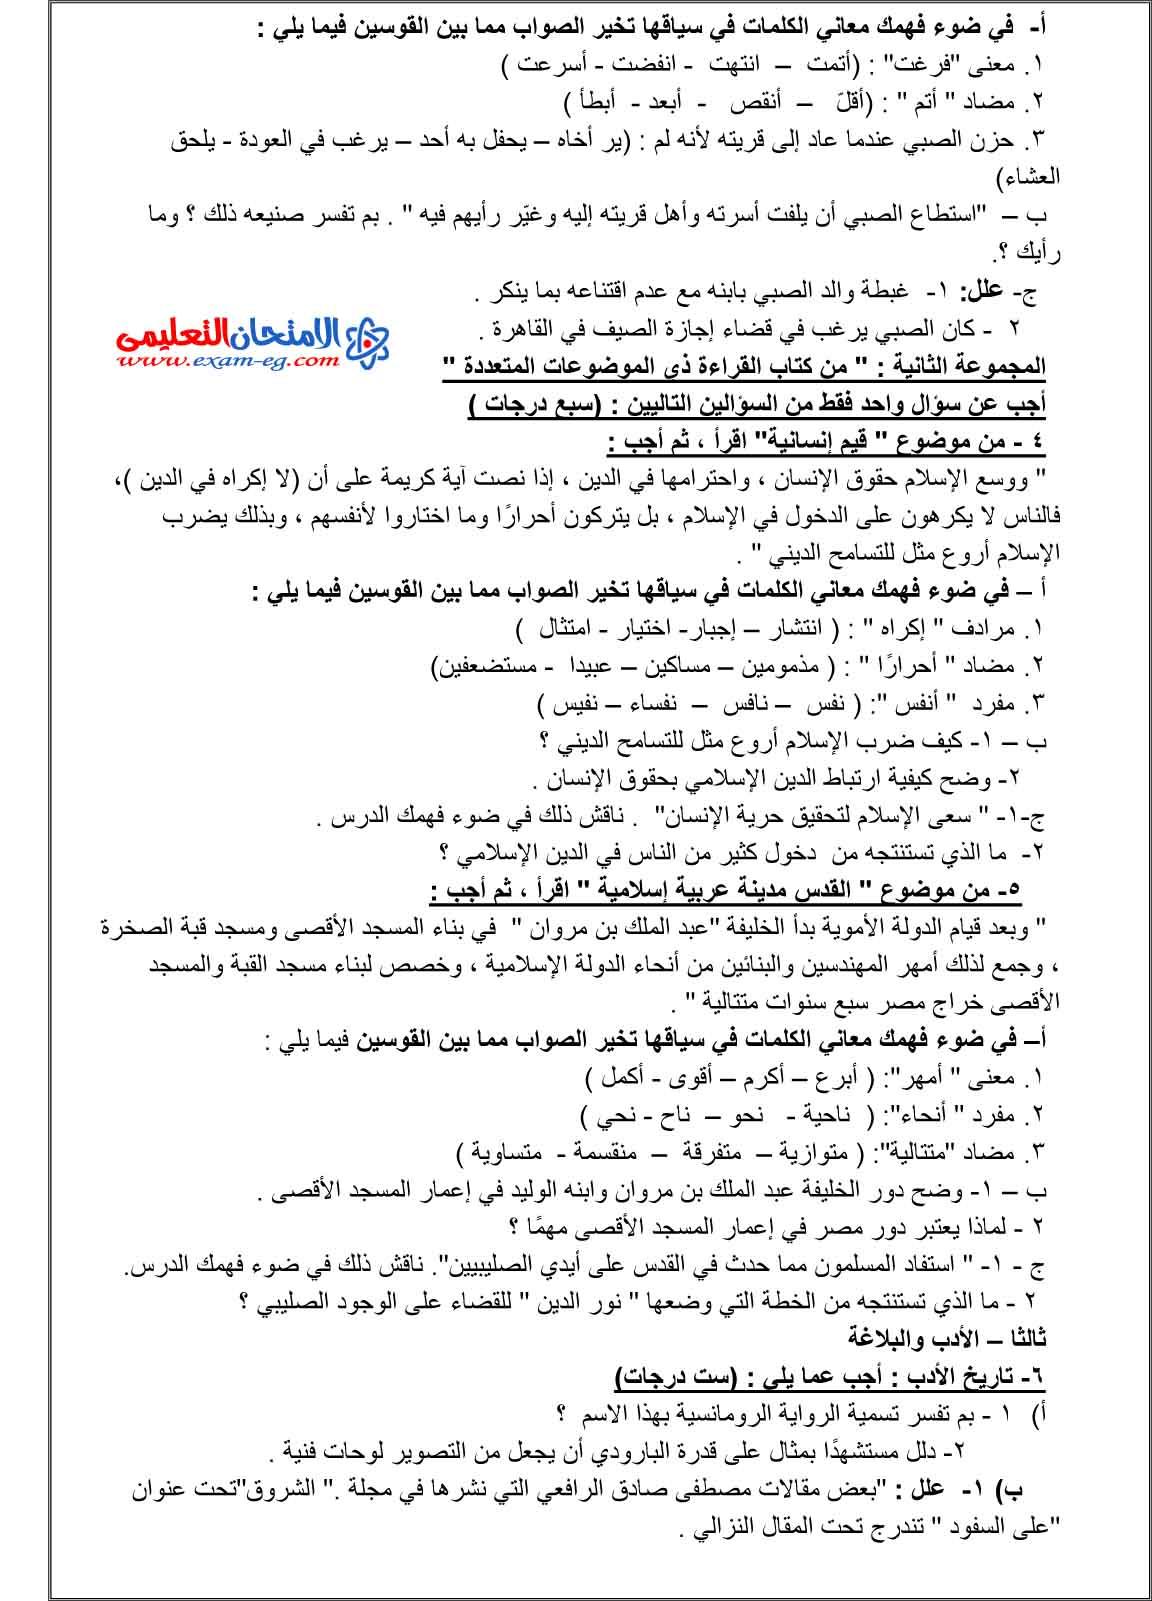 امتحان الوزارة فى اللغة العربية 1